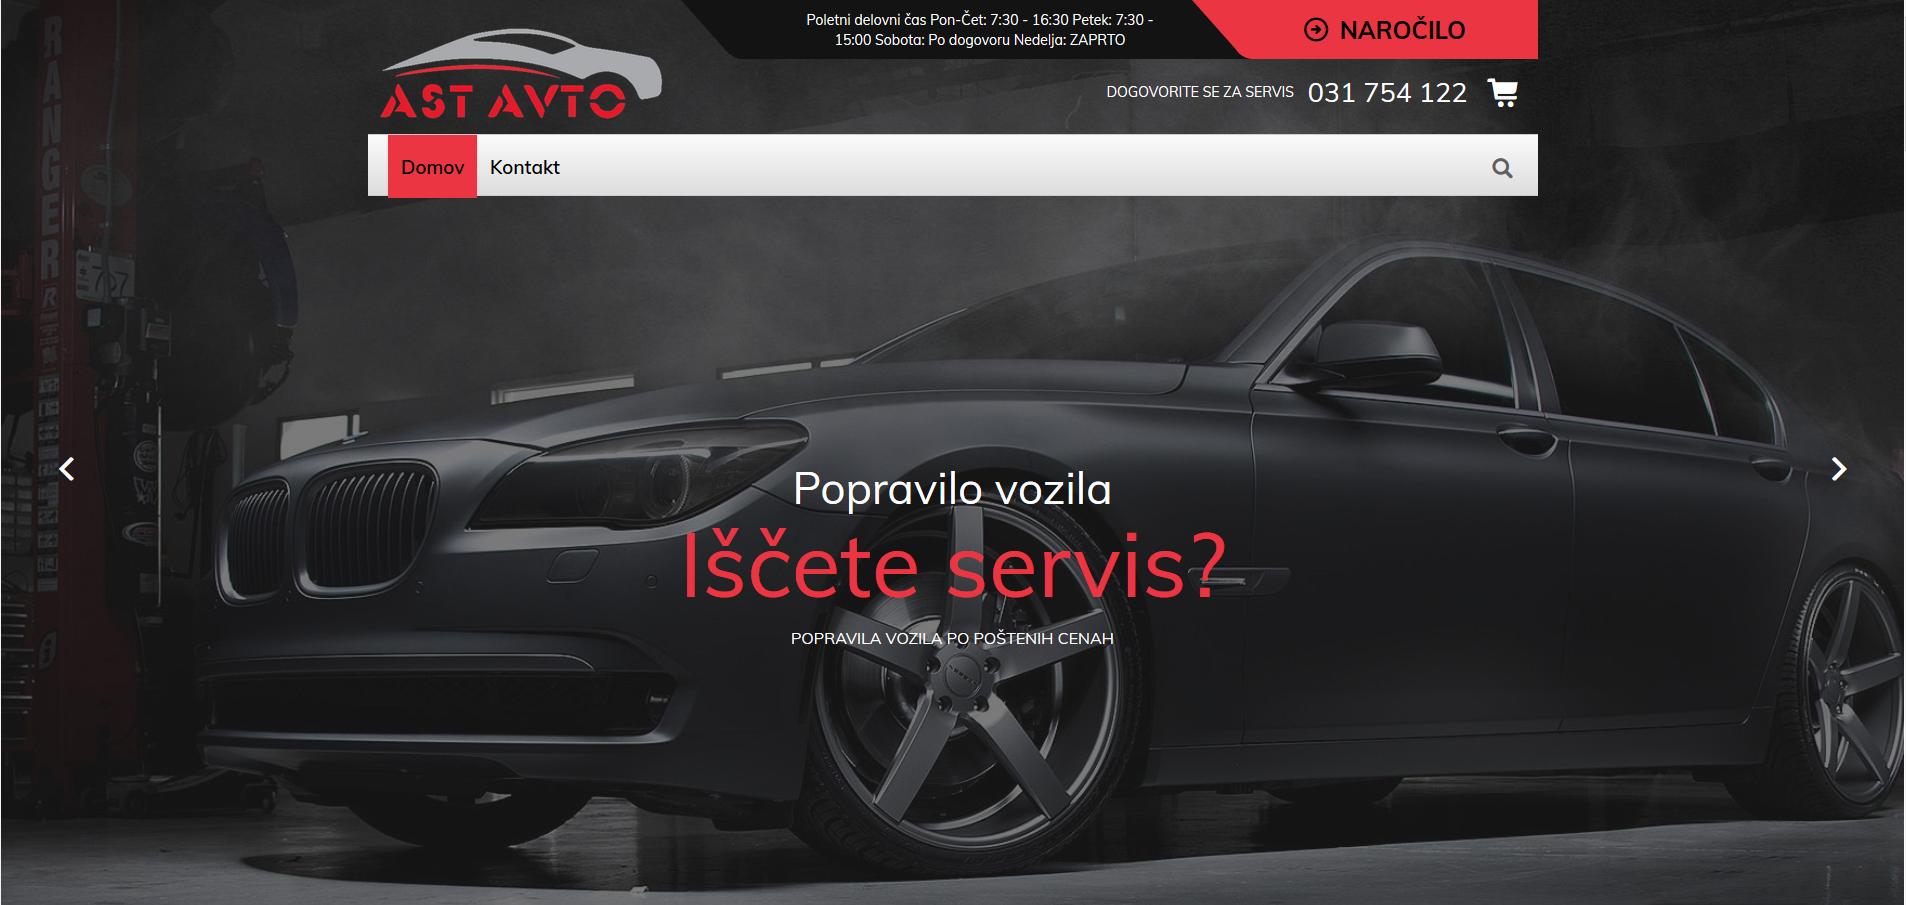 ast_avto